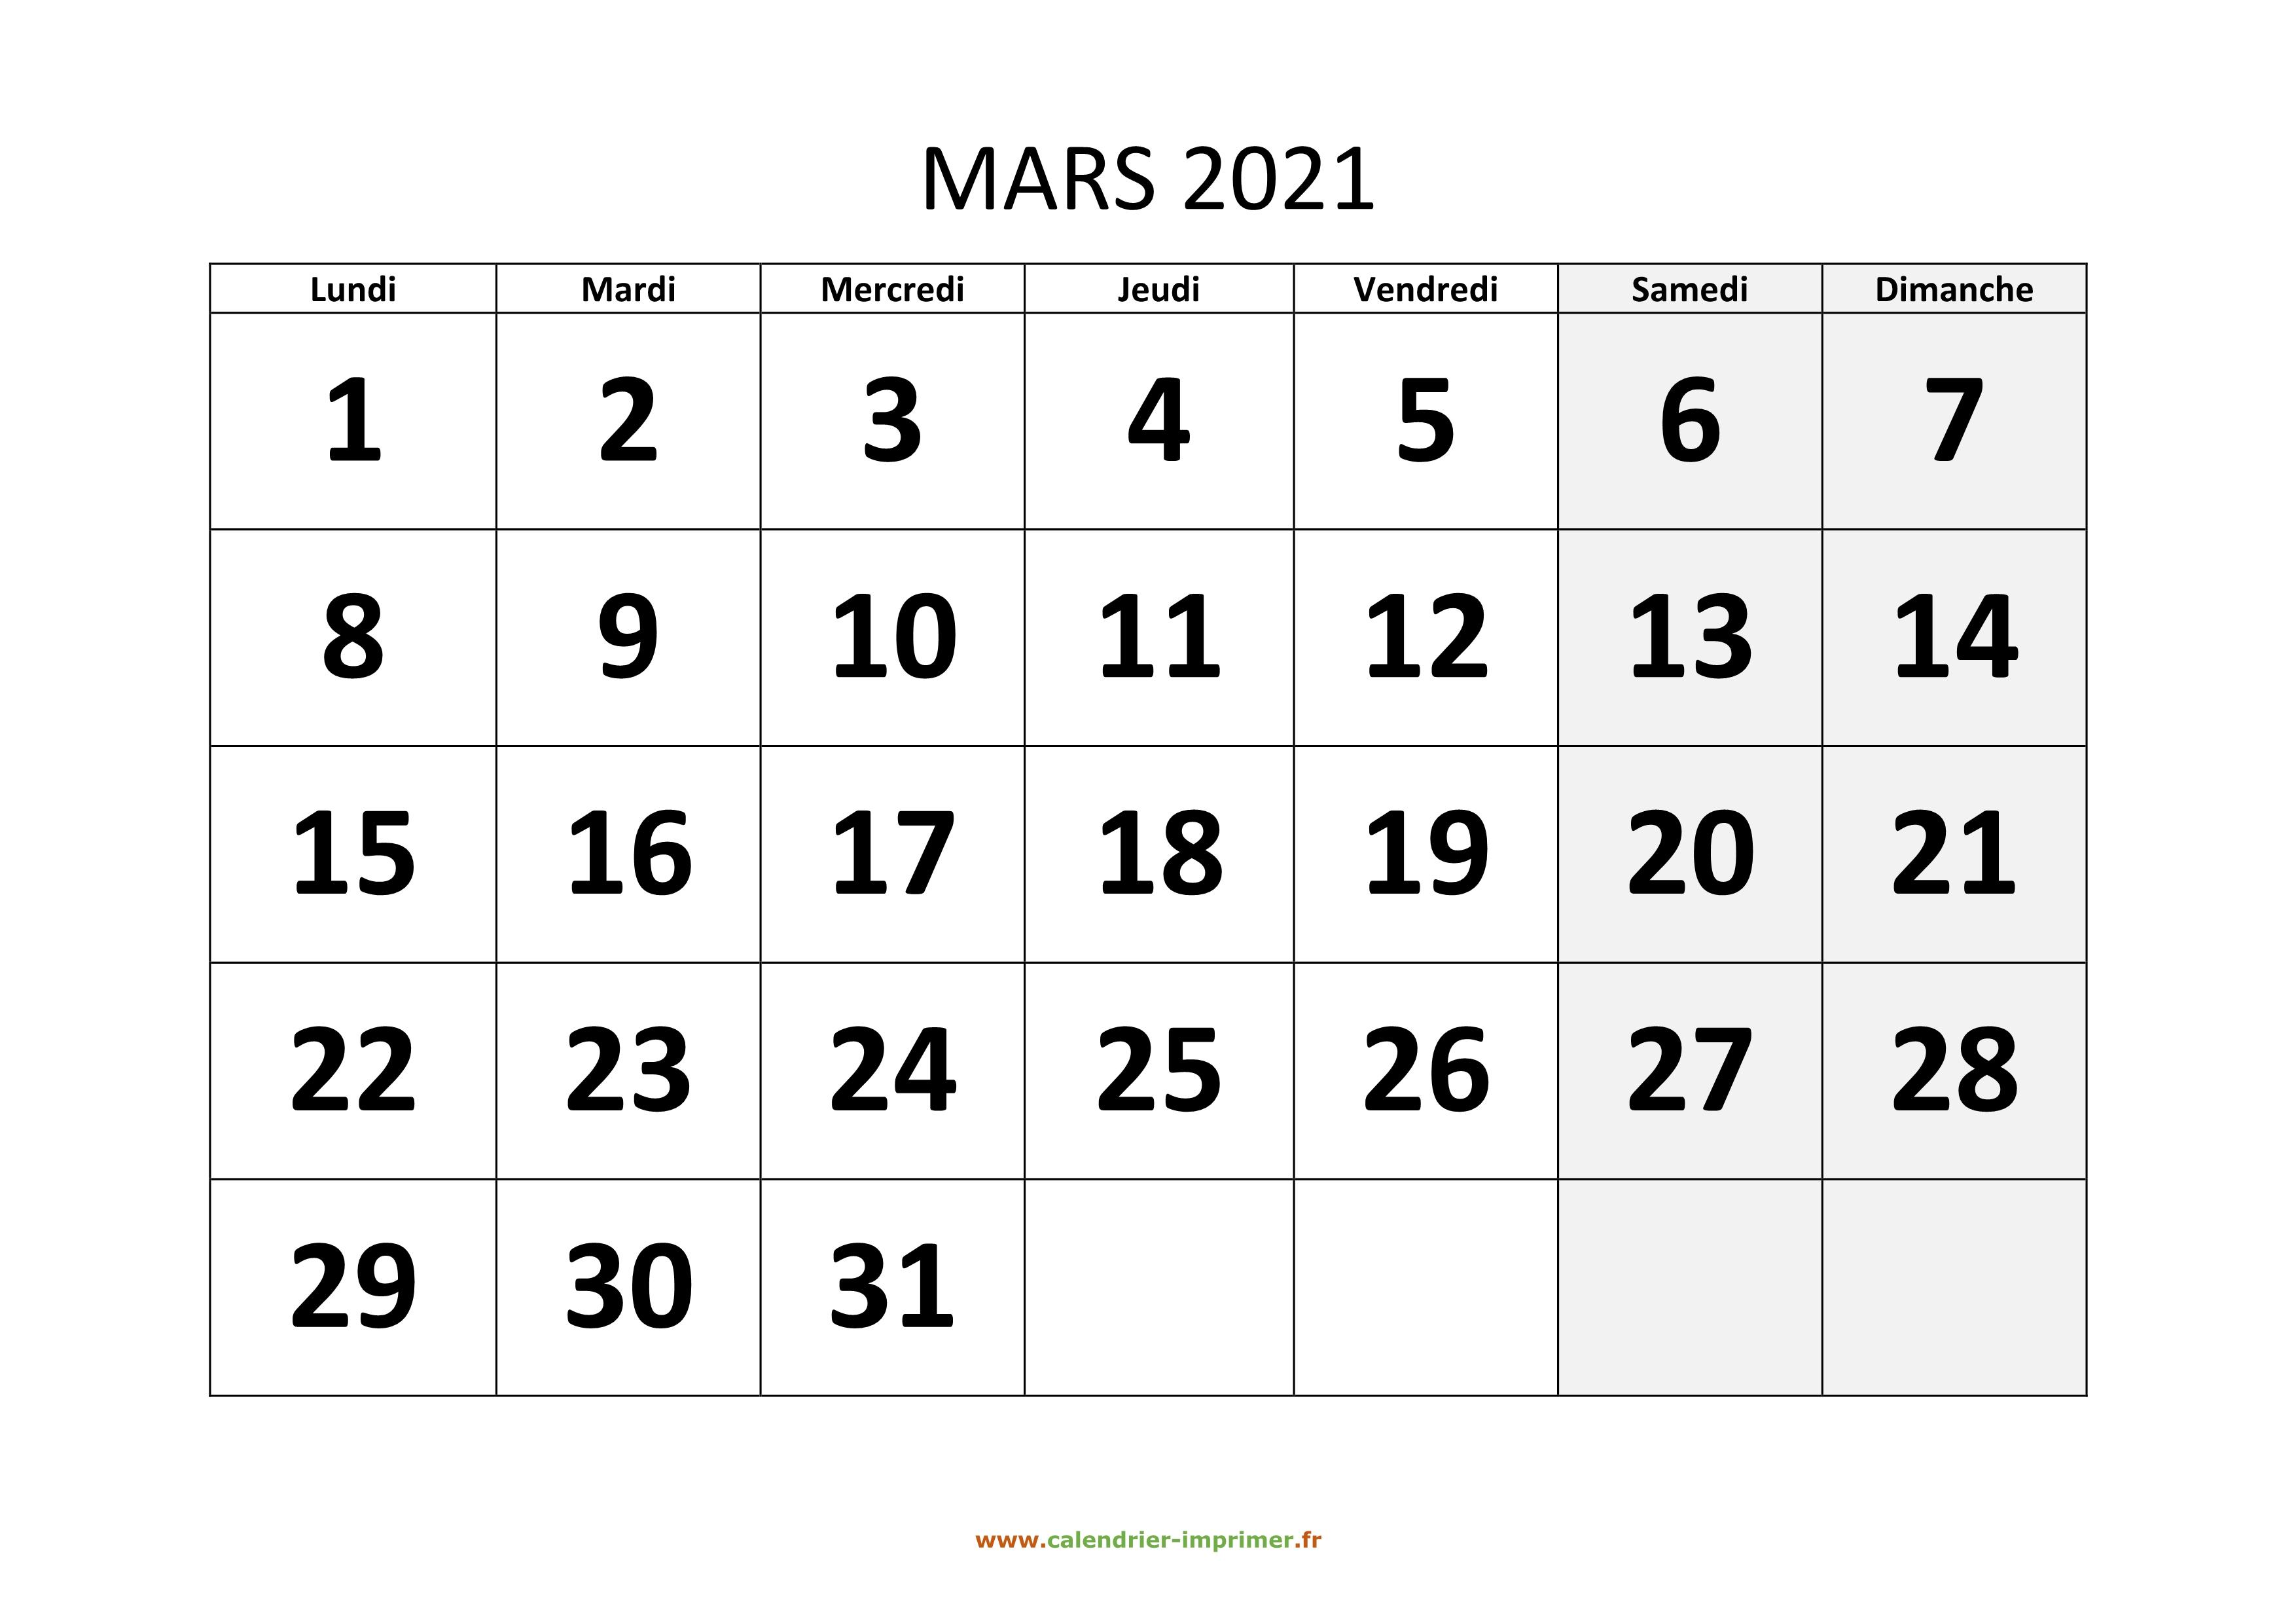 Mars Calendrier 2021 Calendrier Mars 2021 à imprimer